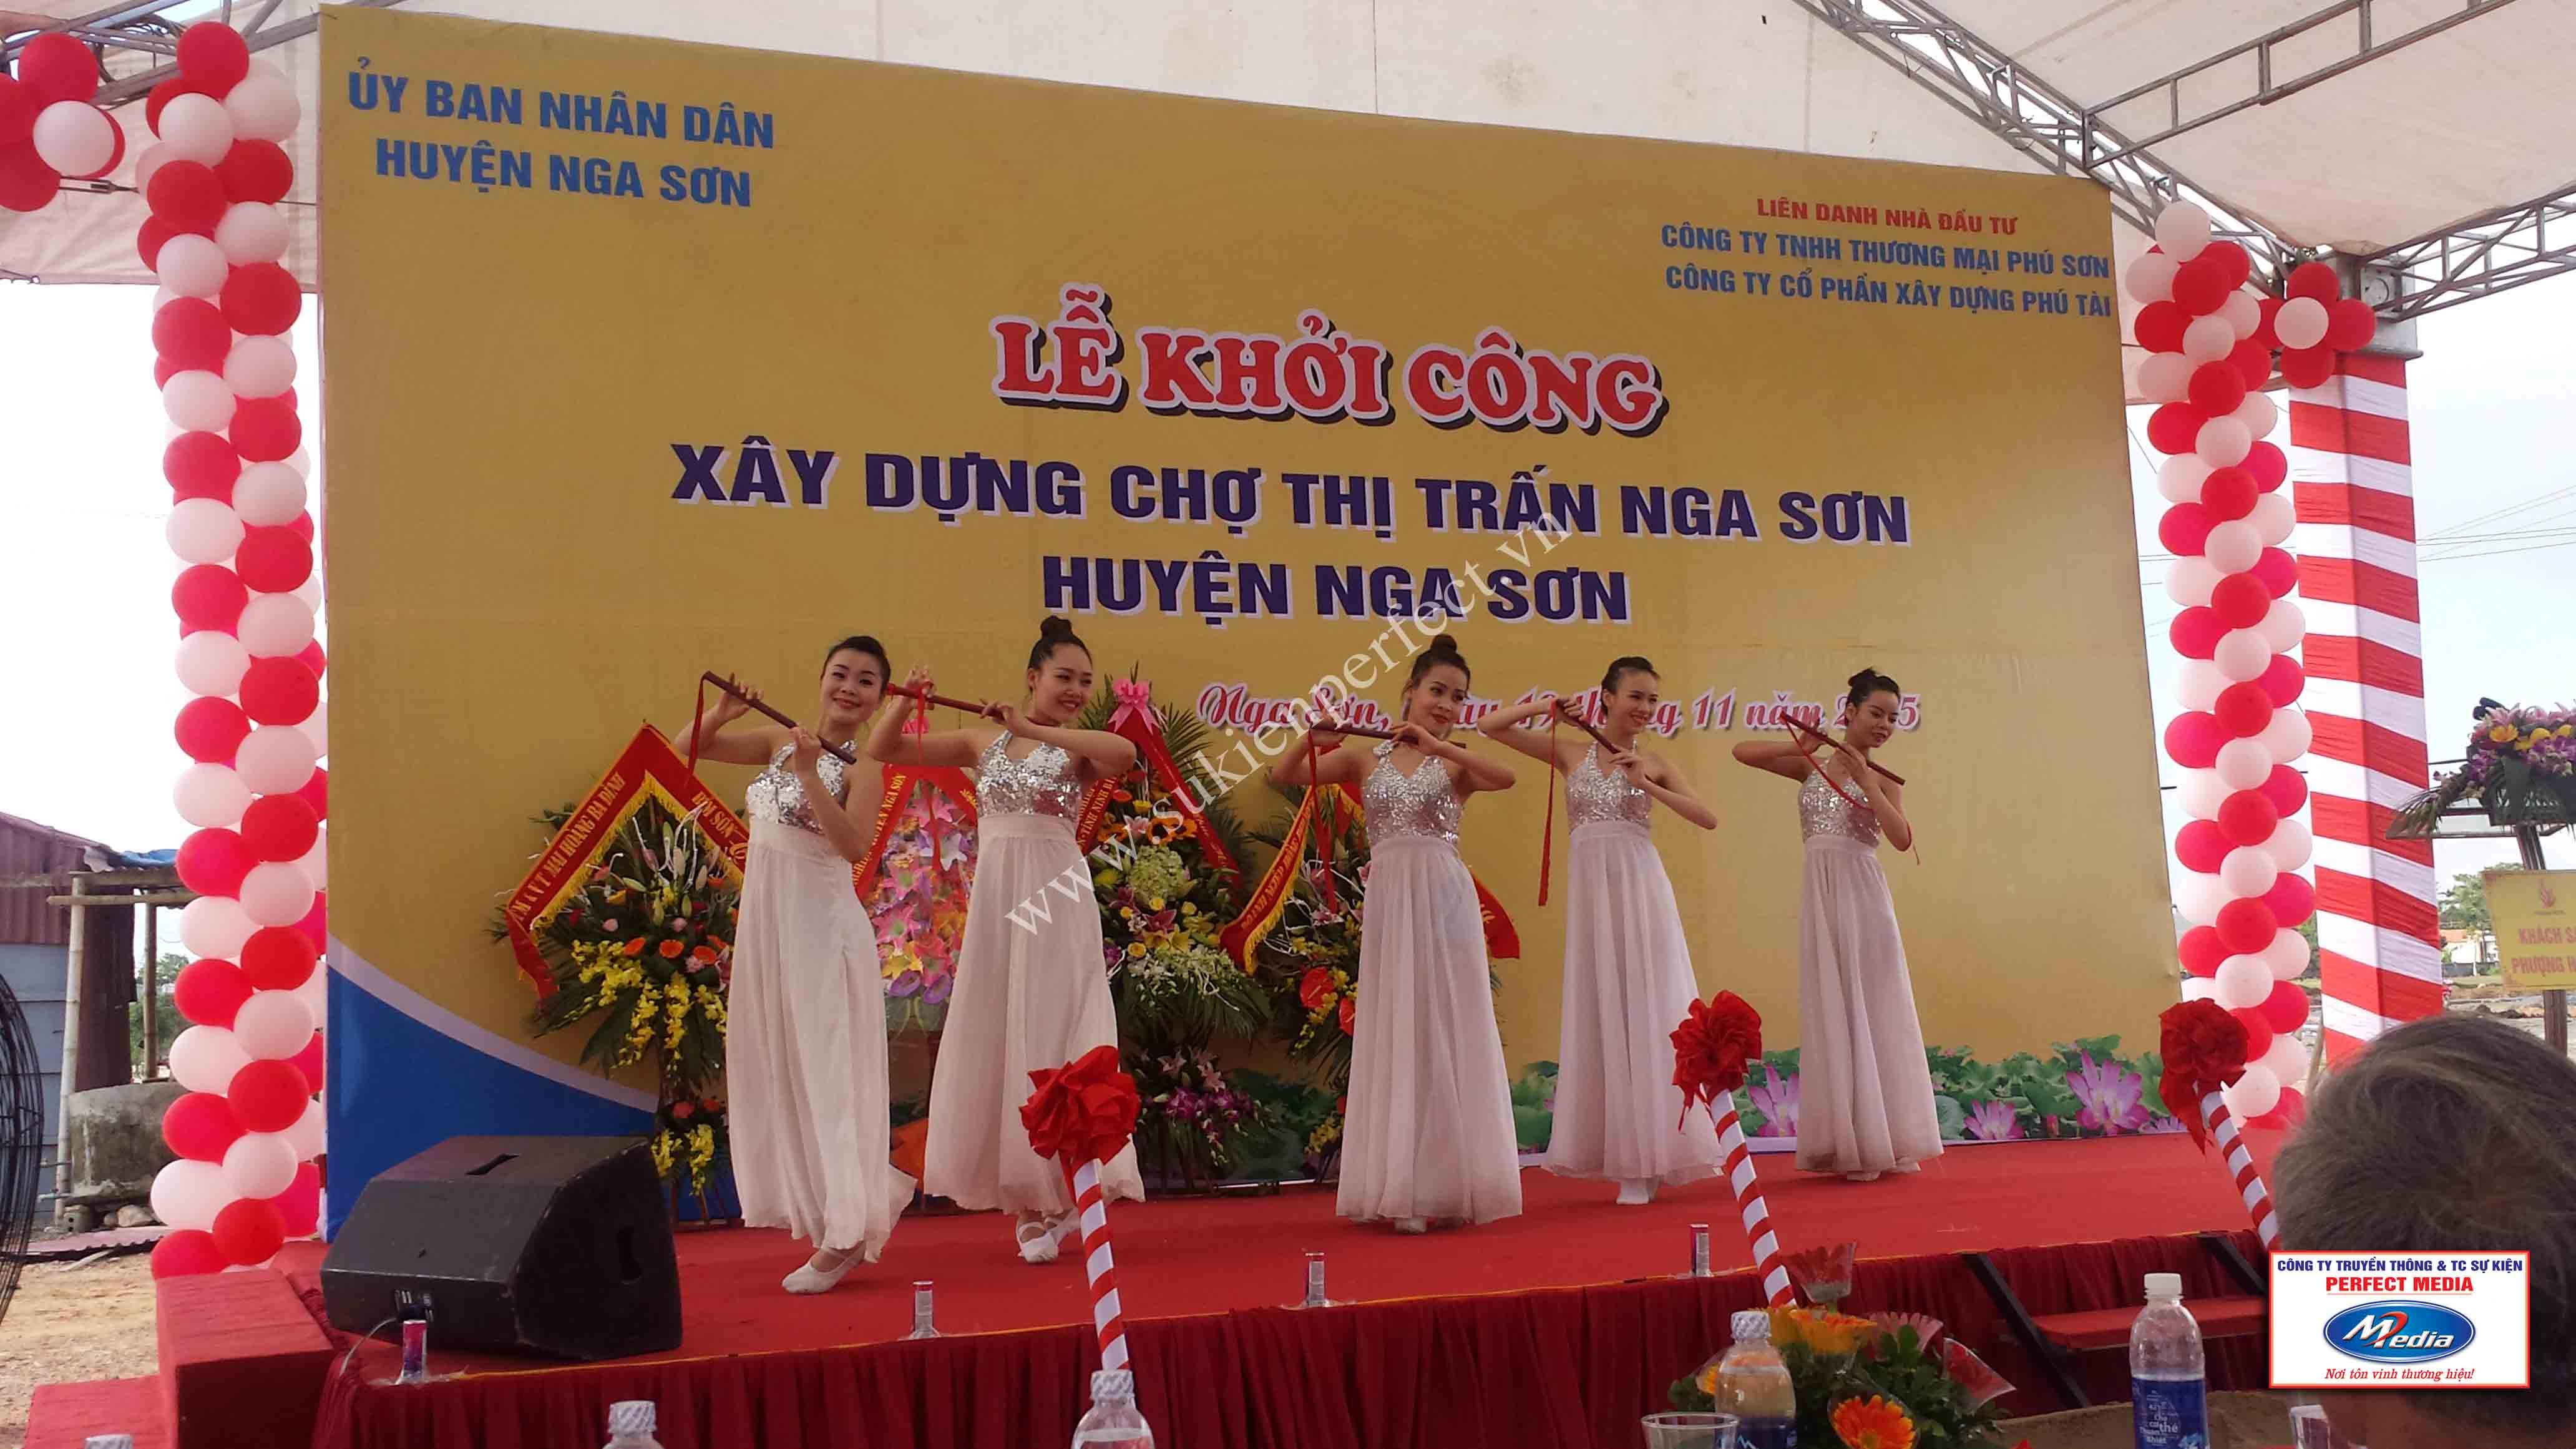 Hình ảnh trong lễ khởi công xây dựng chợ thị trấn huyện Nga Sơn 15